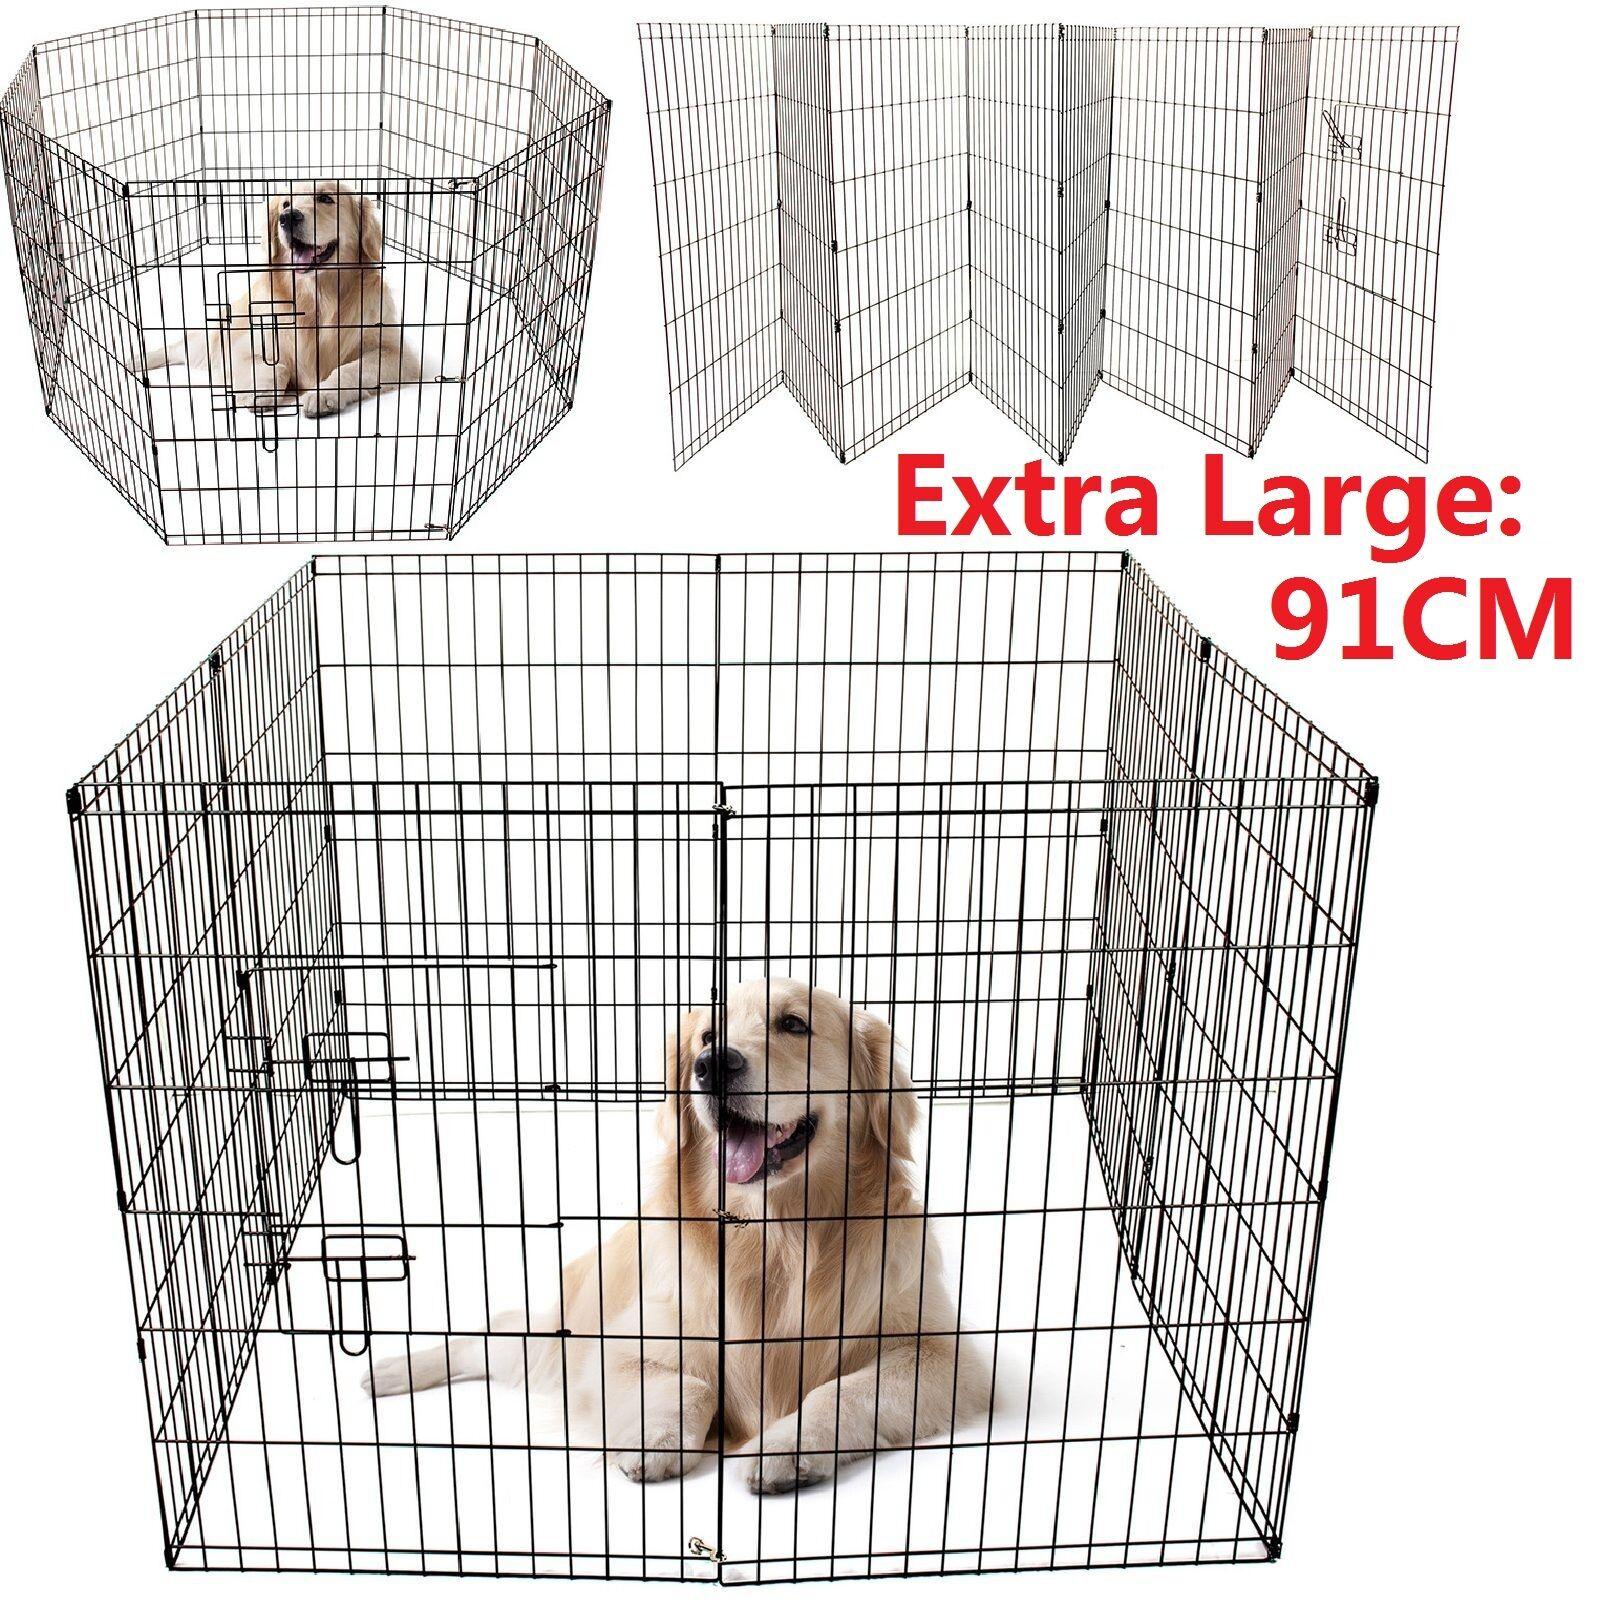 Recinzione Per Cani Giardino.Recinto Grande Per Cuccioli Cuccioli Cuccioli Giardino Esterno Box